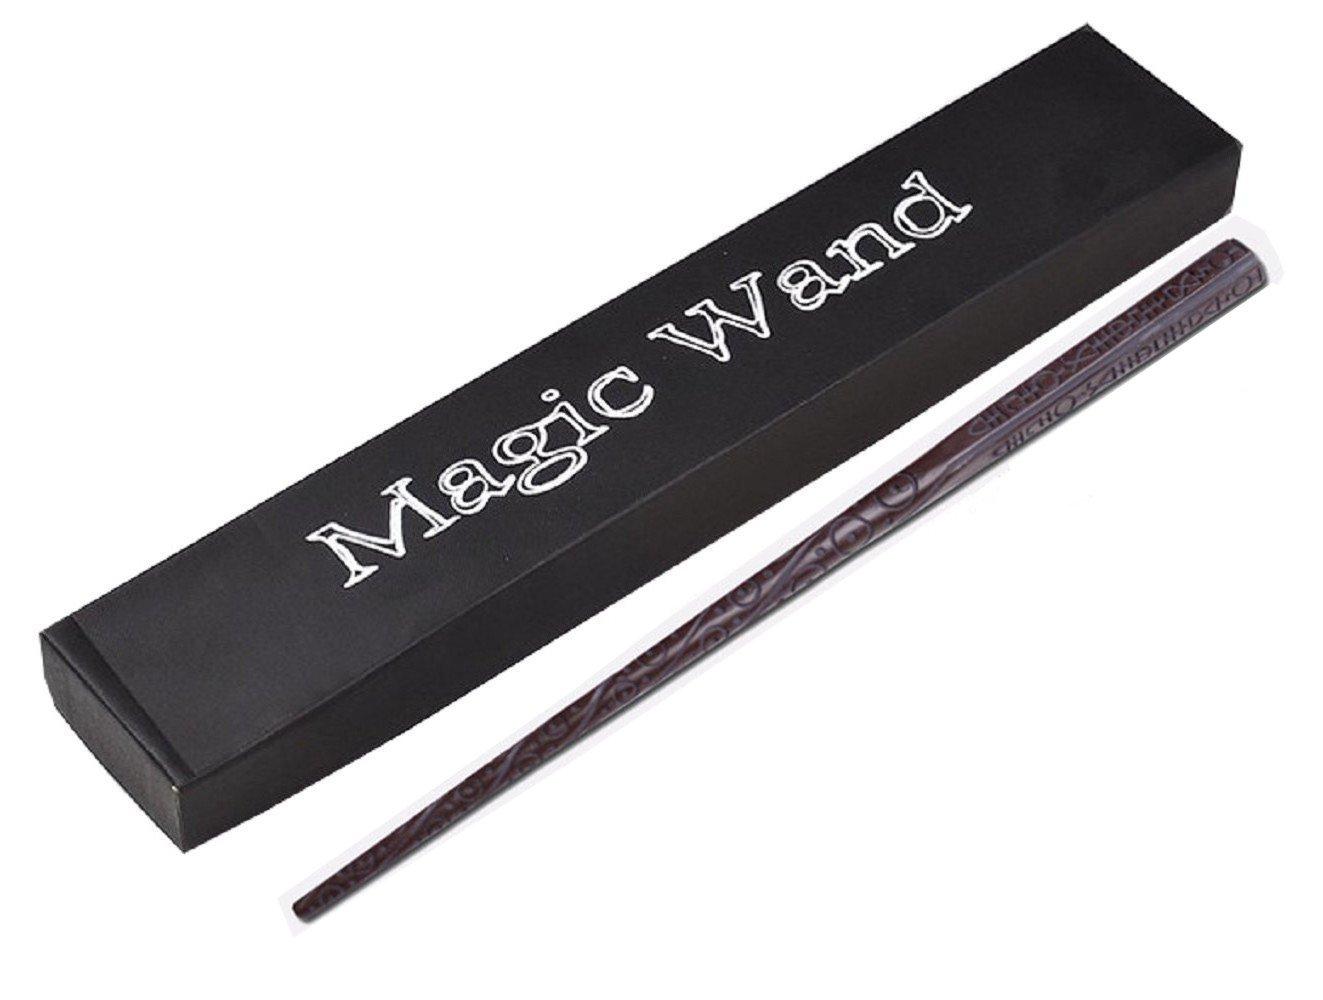 Inception Pro Infinite Imperdibile - Bacchette Magiche - Resina - Dipinte A Mano - Personaggi di Harry Potter - Saga - Custodie incluse - Sirius & Black Bacchette Harry & Potter Film e TV